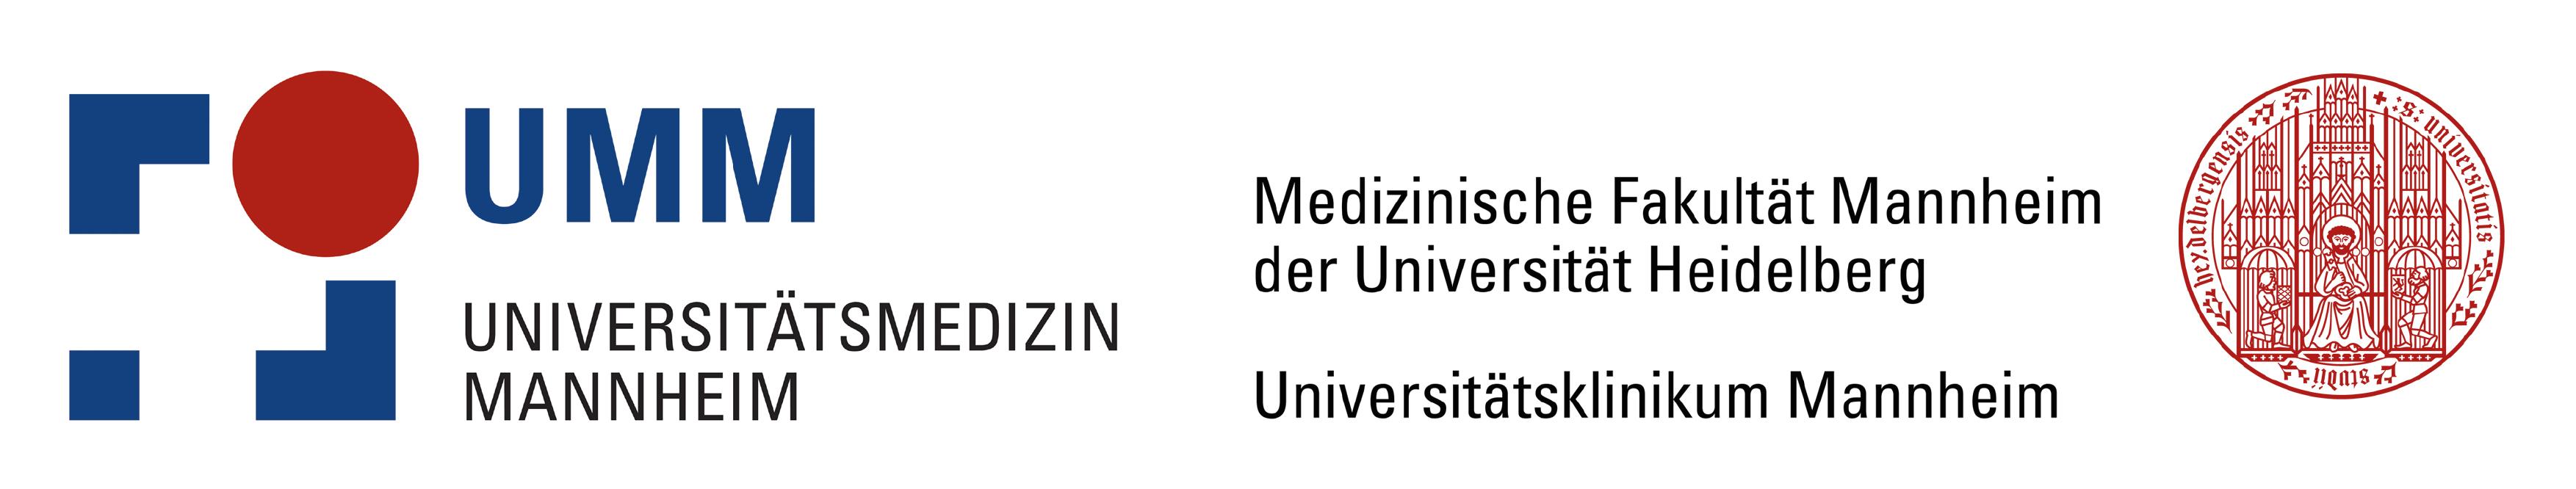 Medizinische Fakultät Mannheim